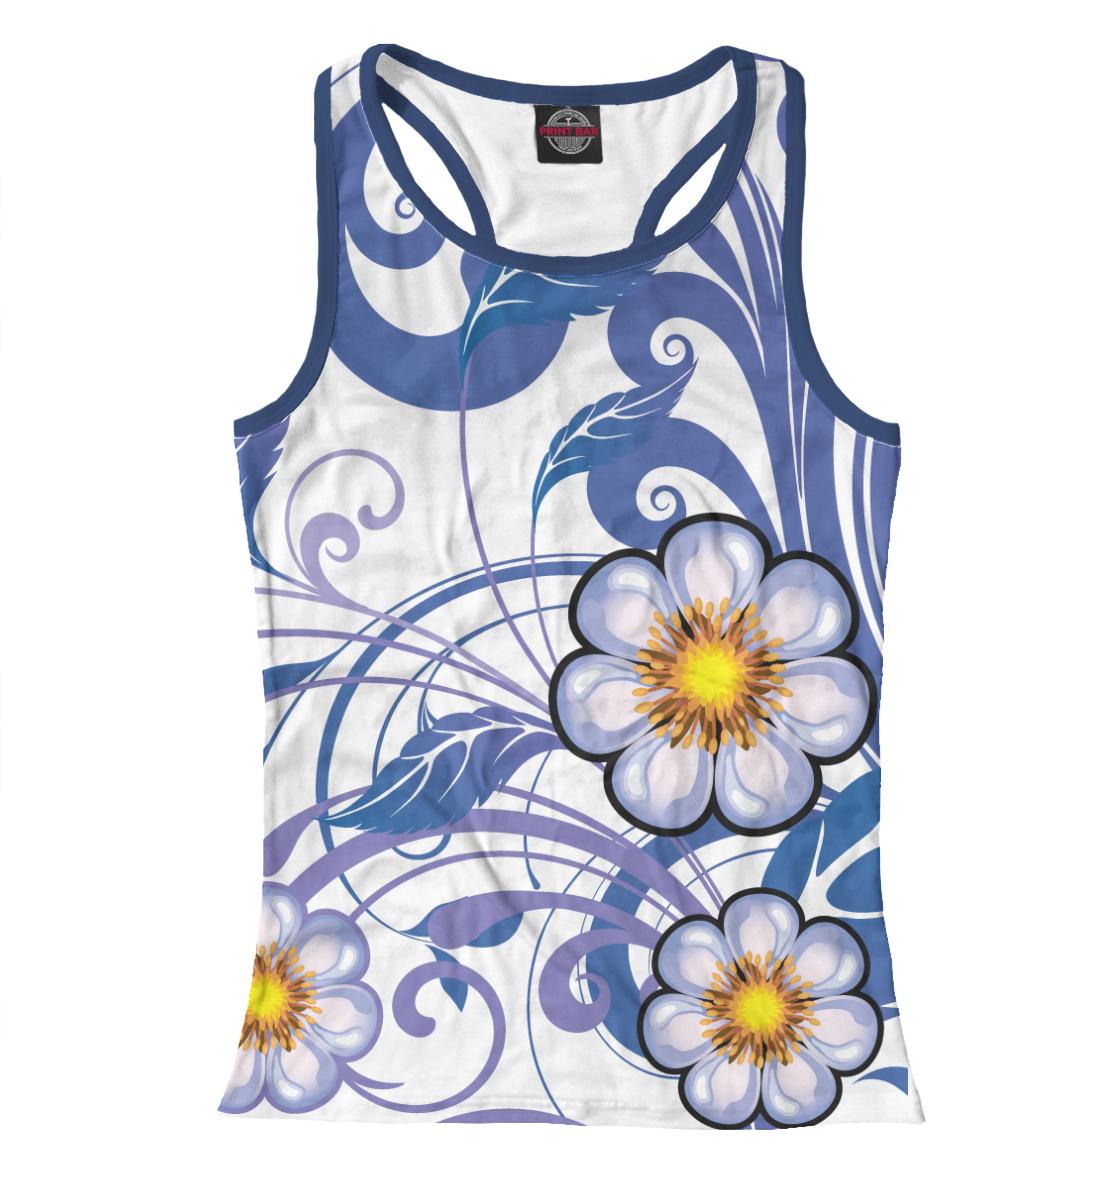 Купить Цвет, Printbar, Майки борцовки, APD-235620-mayb-1